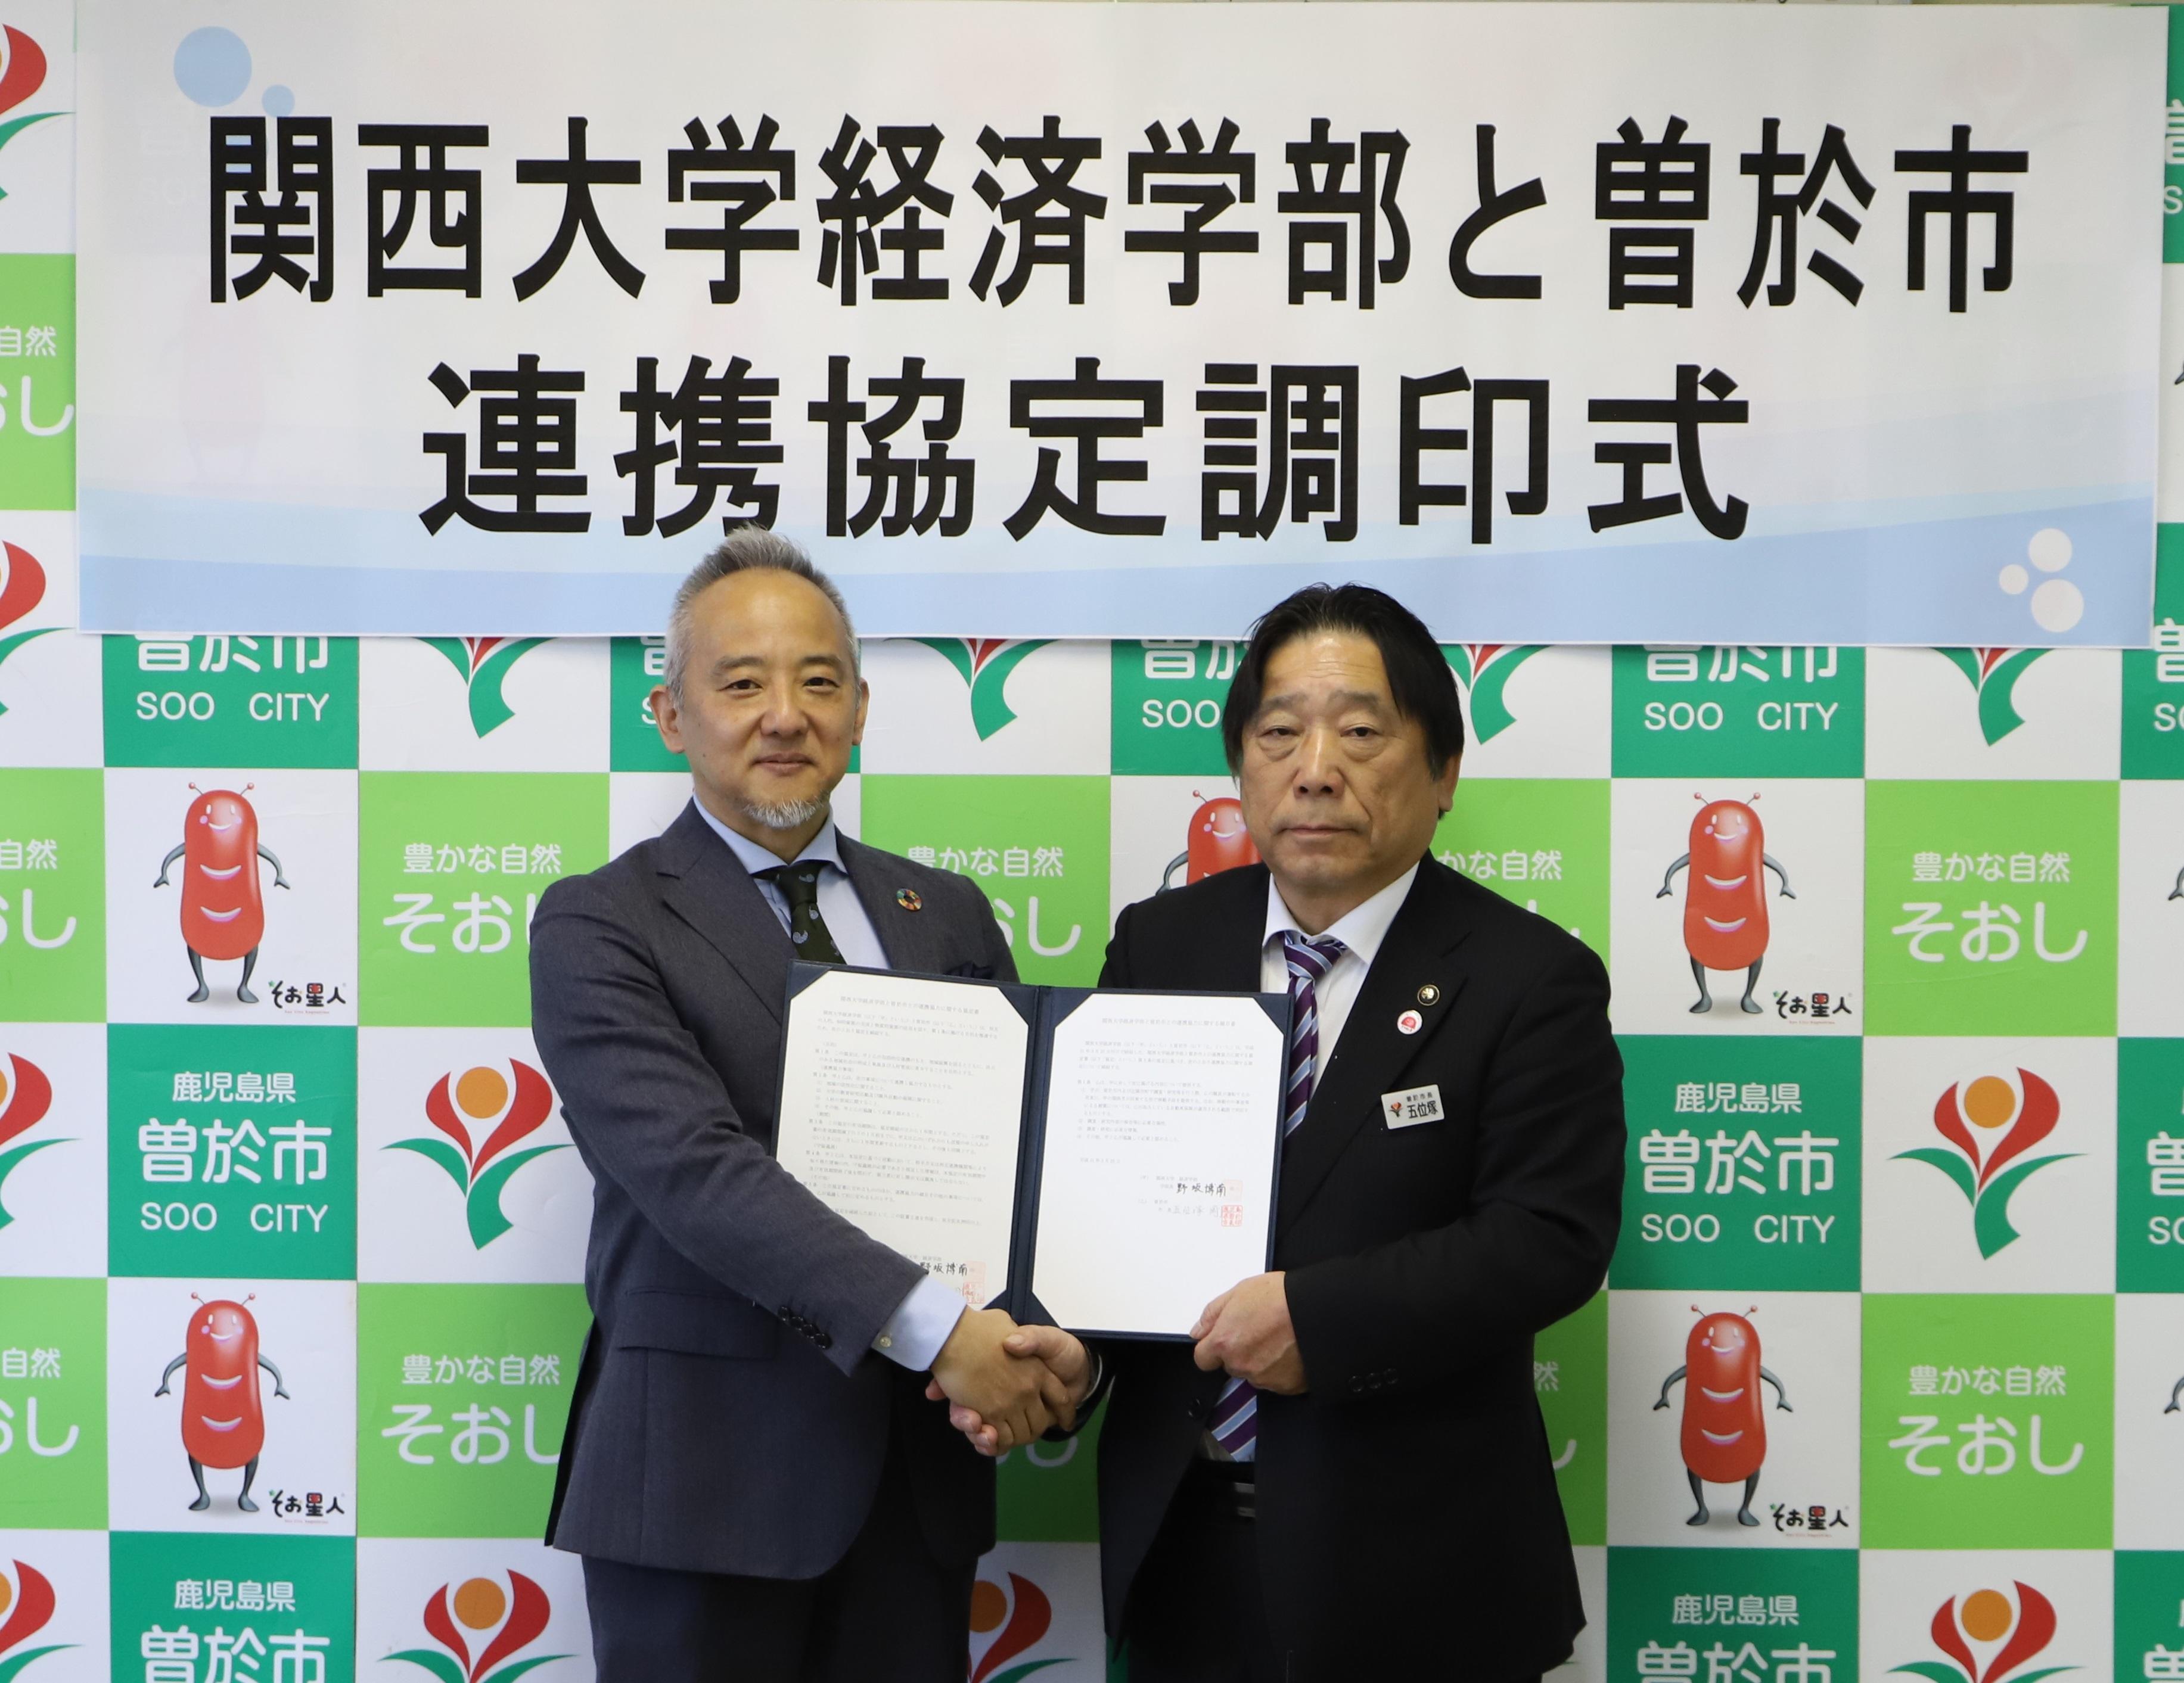 ◆関西大学経済学部と鹿児島県曽於市が連携協定を締結◆地方創生のためのSDGsの実装化に向けた政策提言プロジェクト